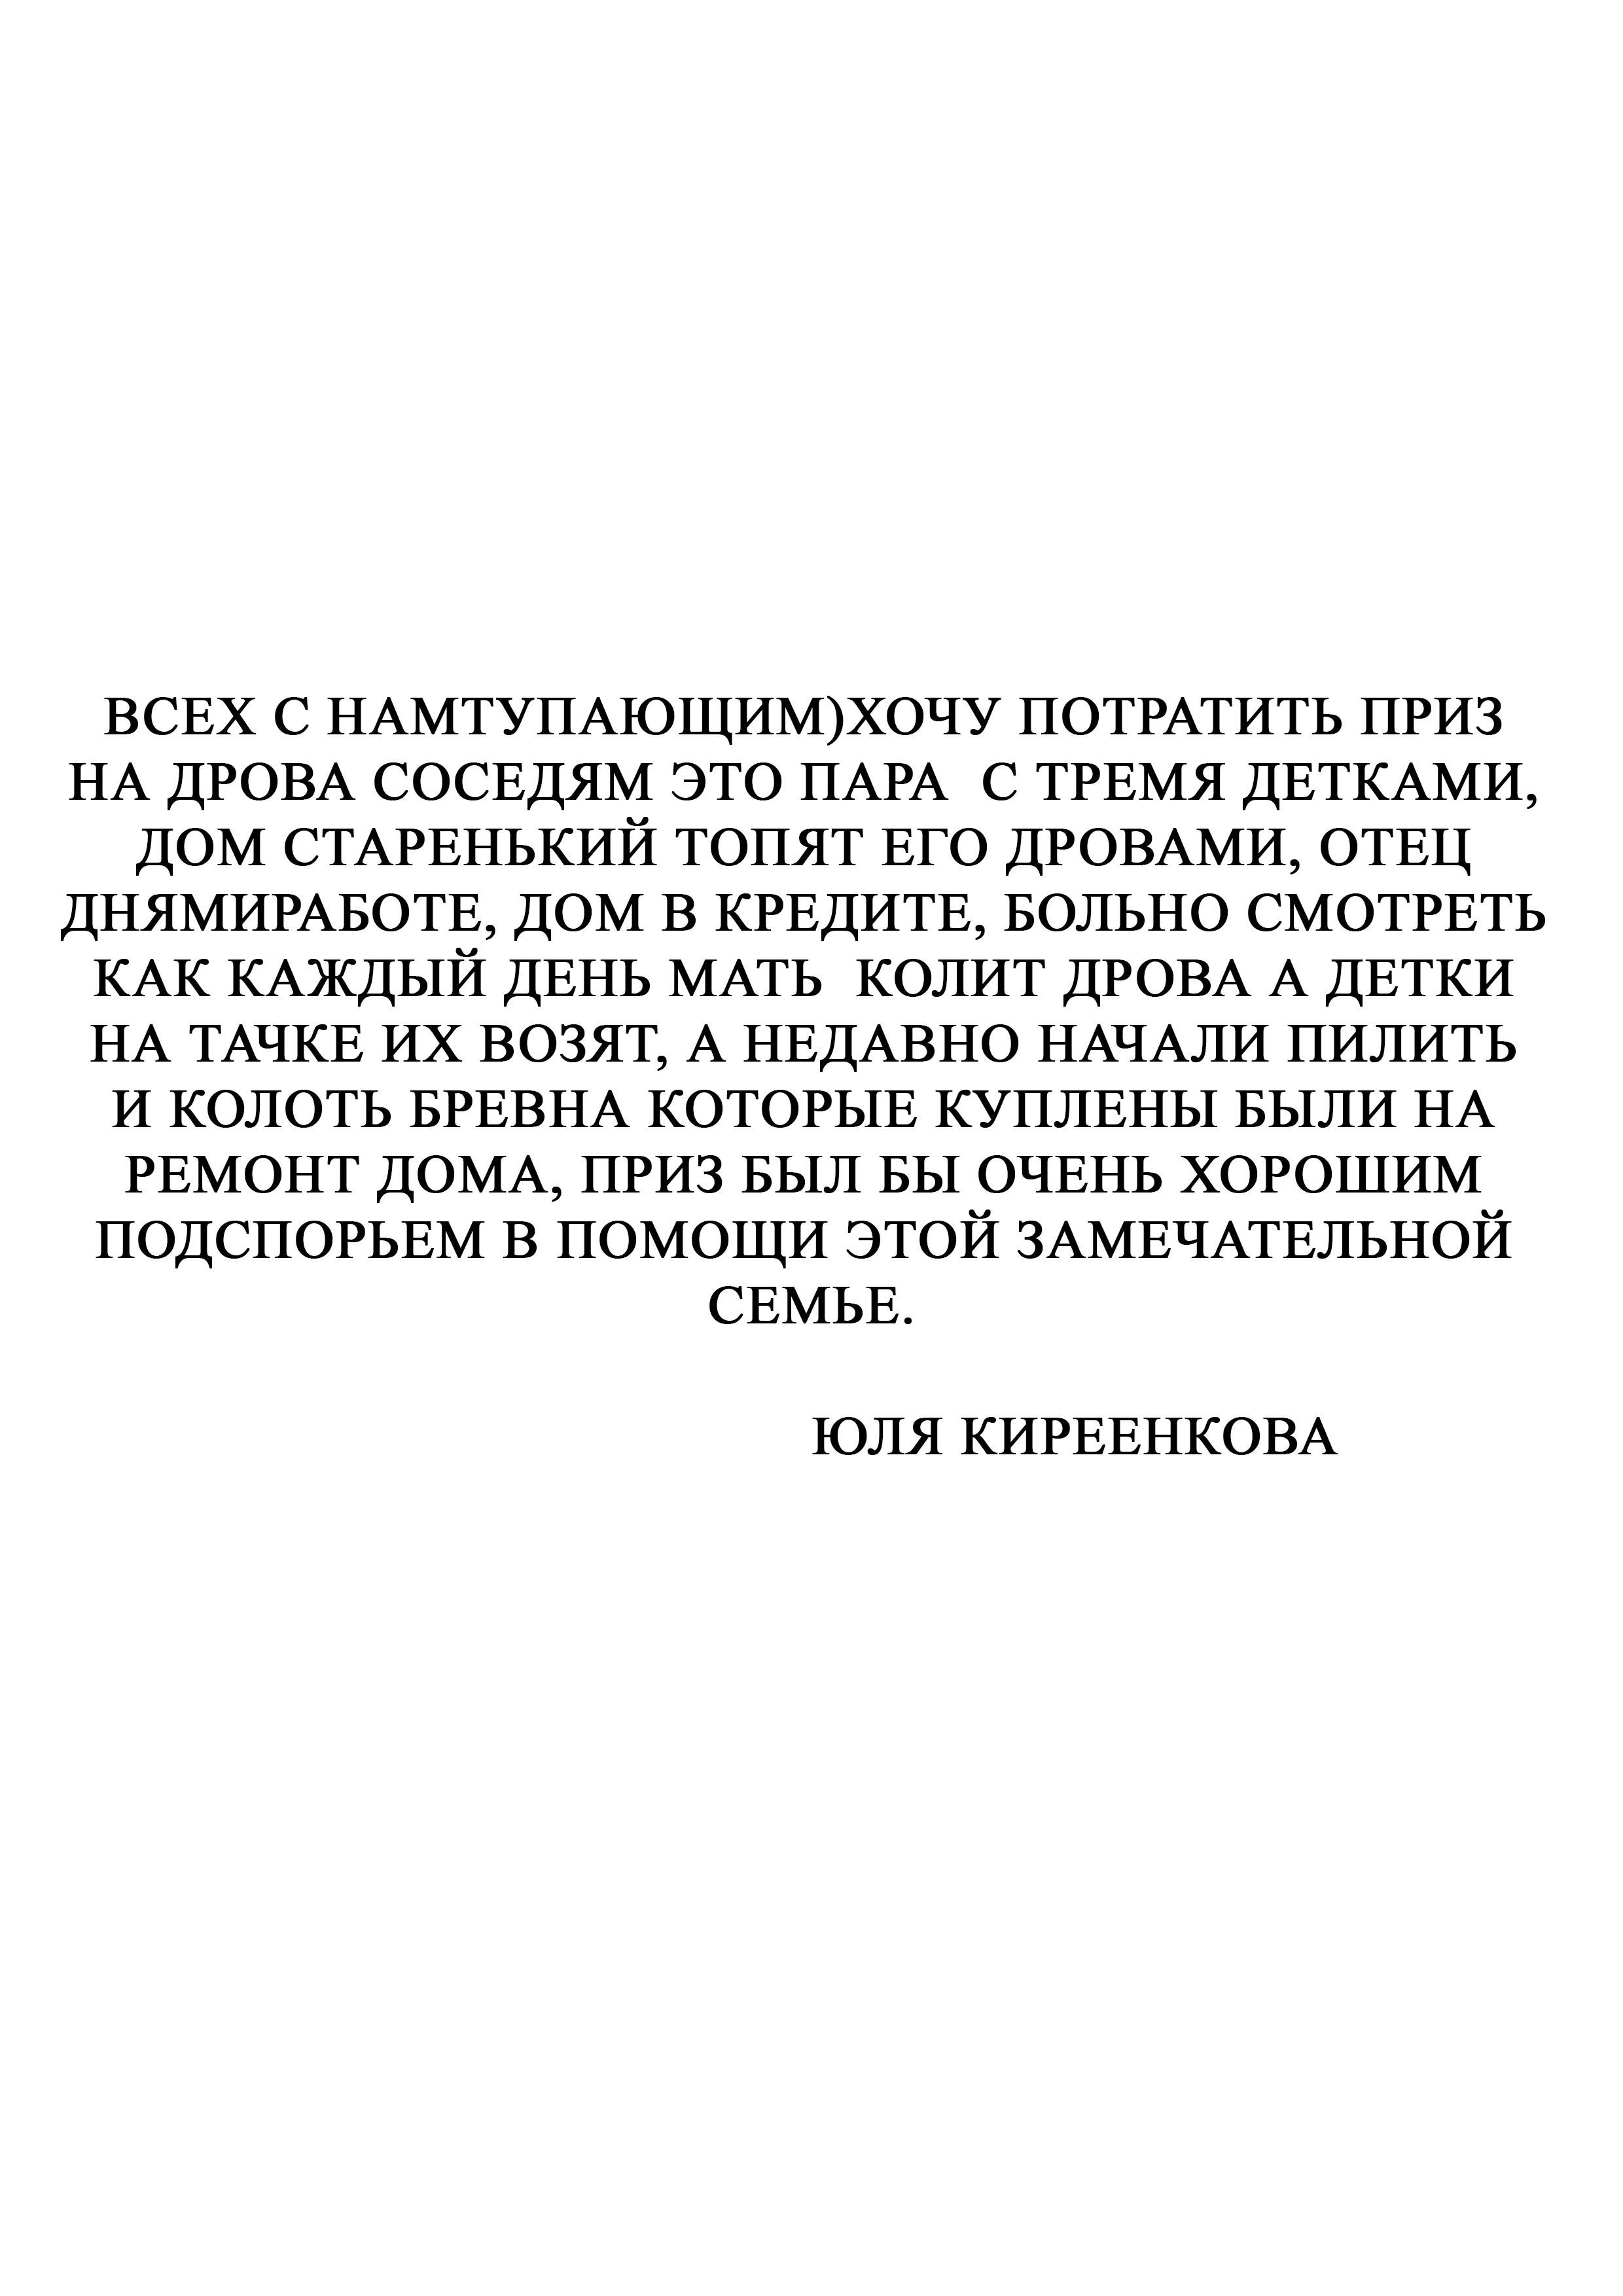 Юля Киреенкова